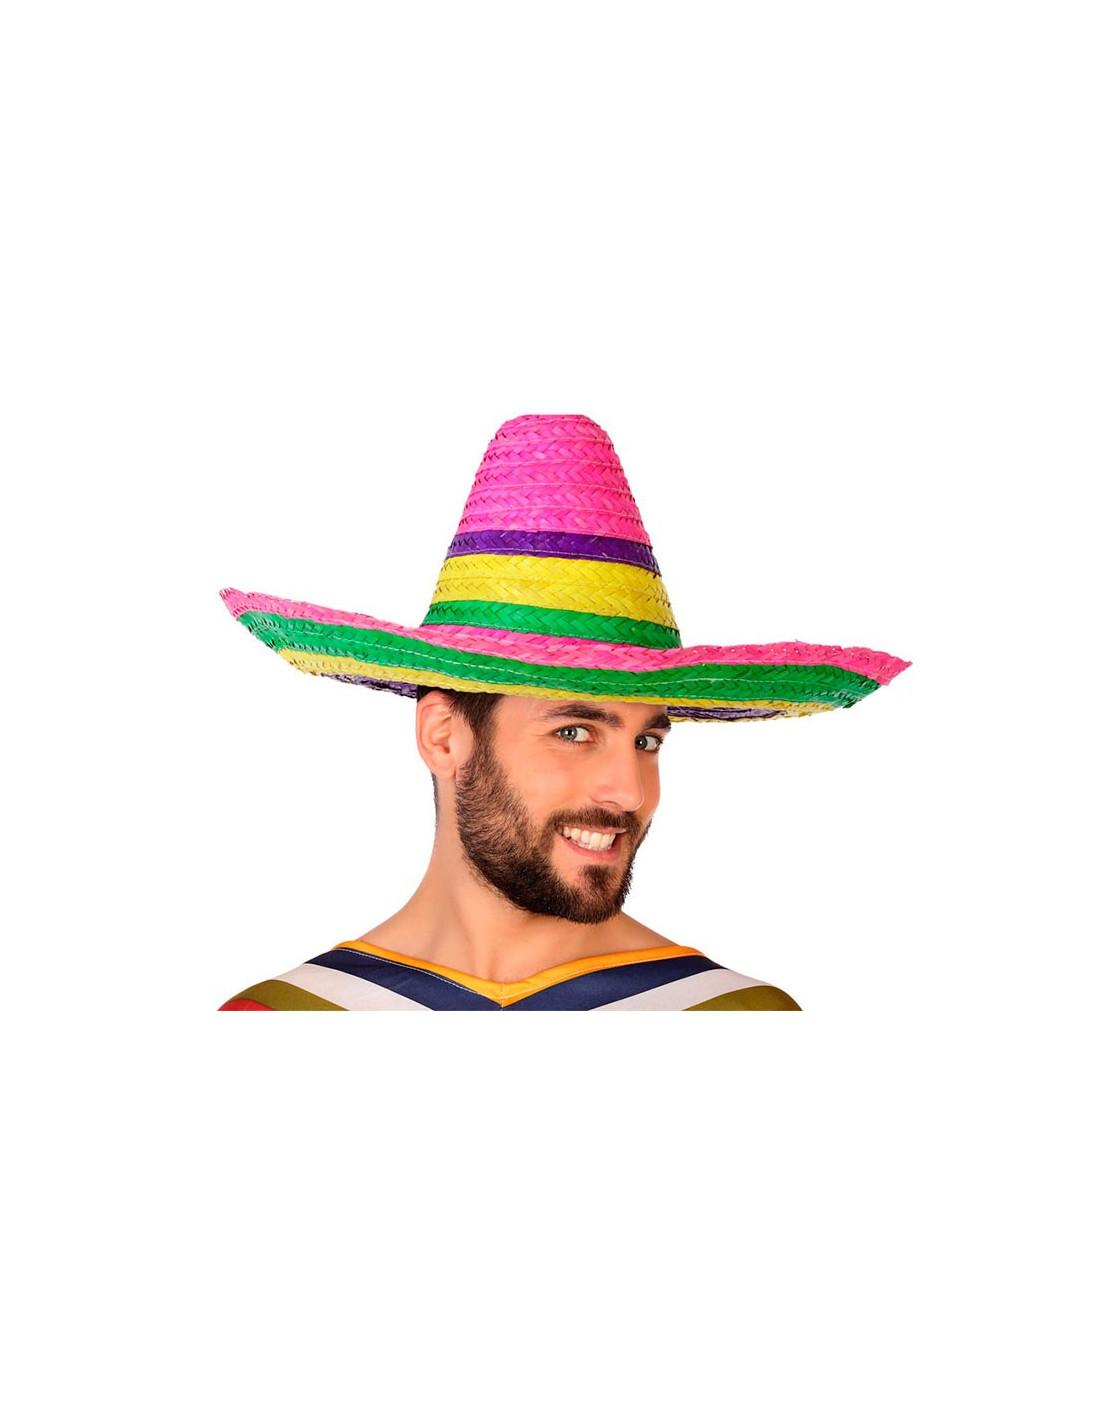 Sombrero mejicano multicolor - Comprar en Disfraces Bacanal eafc24dd1d1